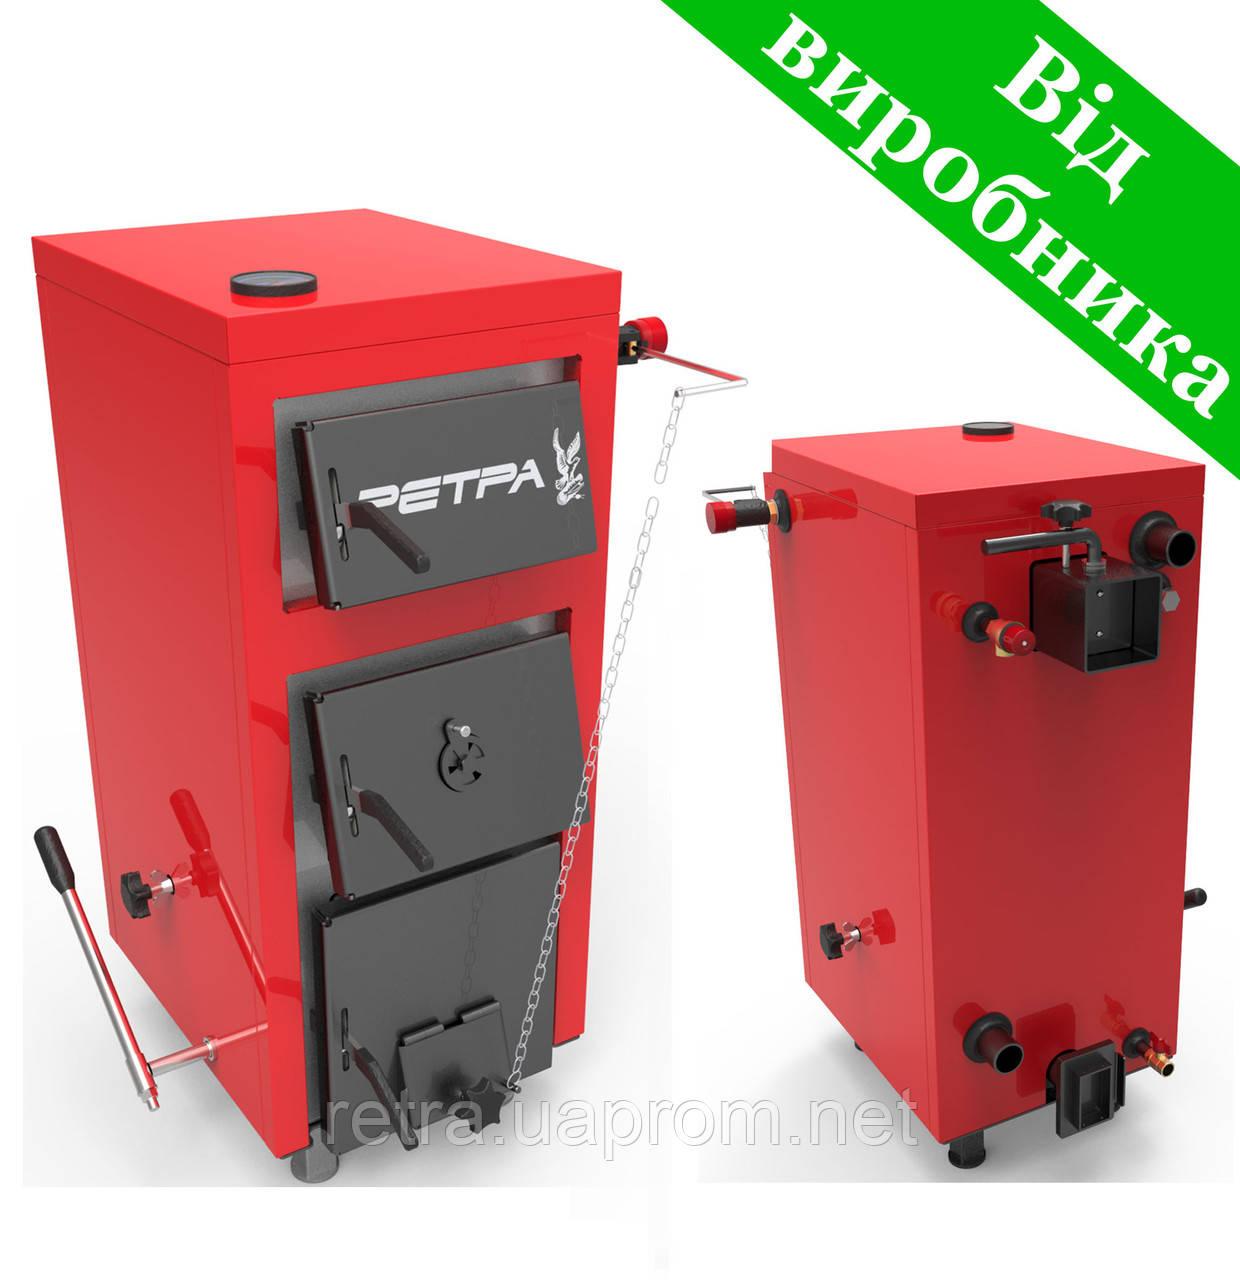 Котел твердотопливный Ретра-5М 32 кВт длительного горения